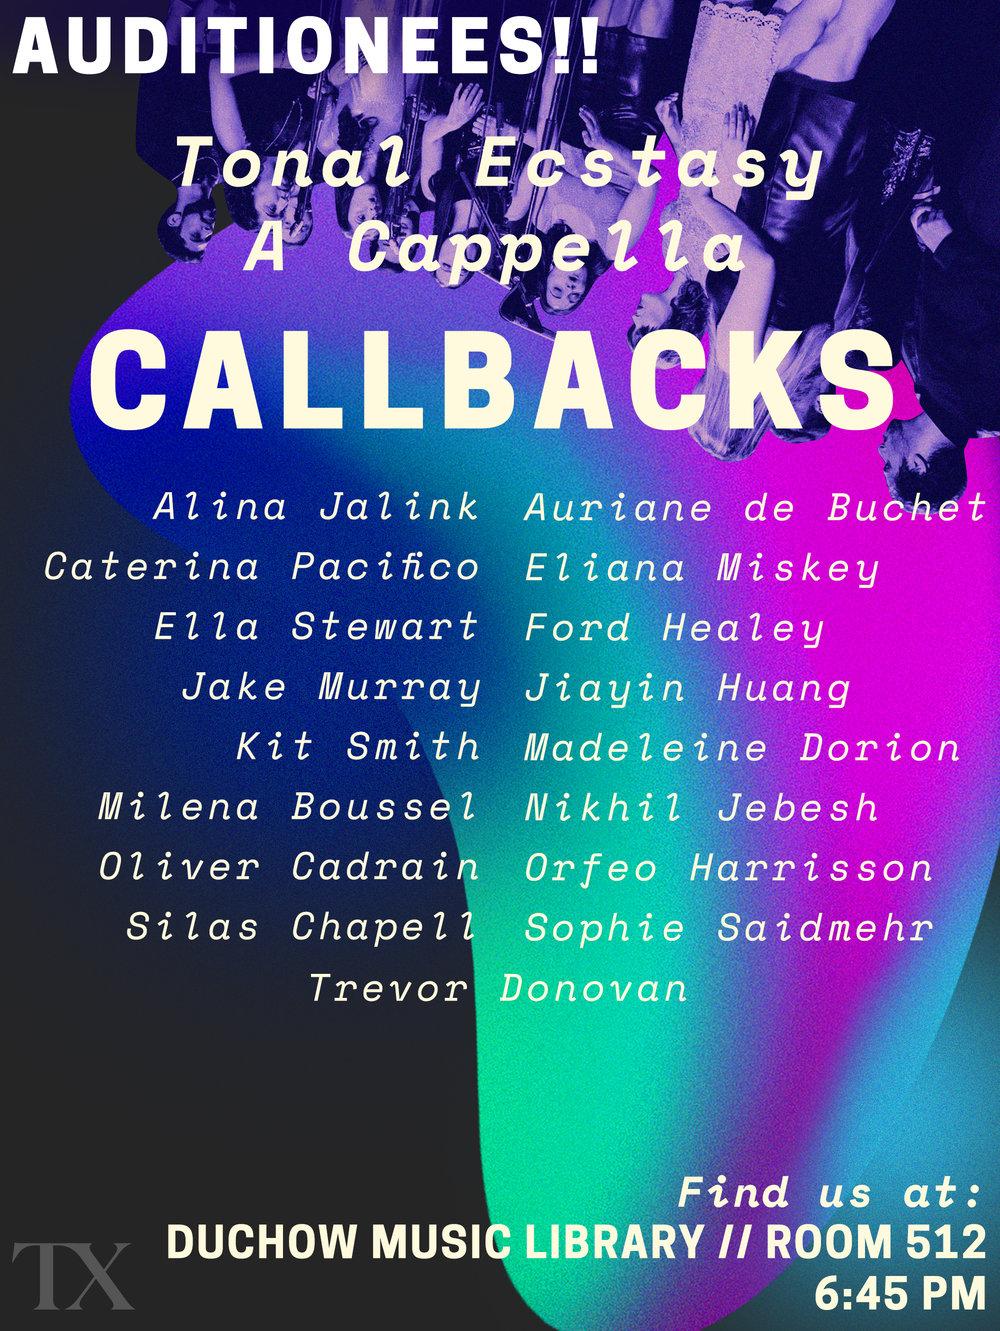 callbacks3.jpg